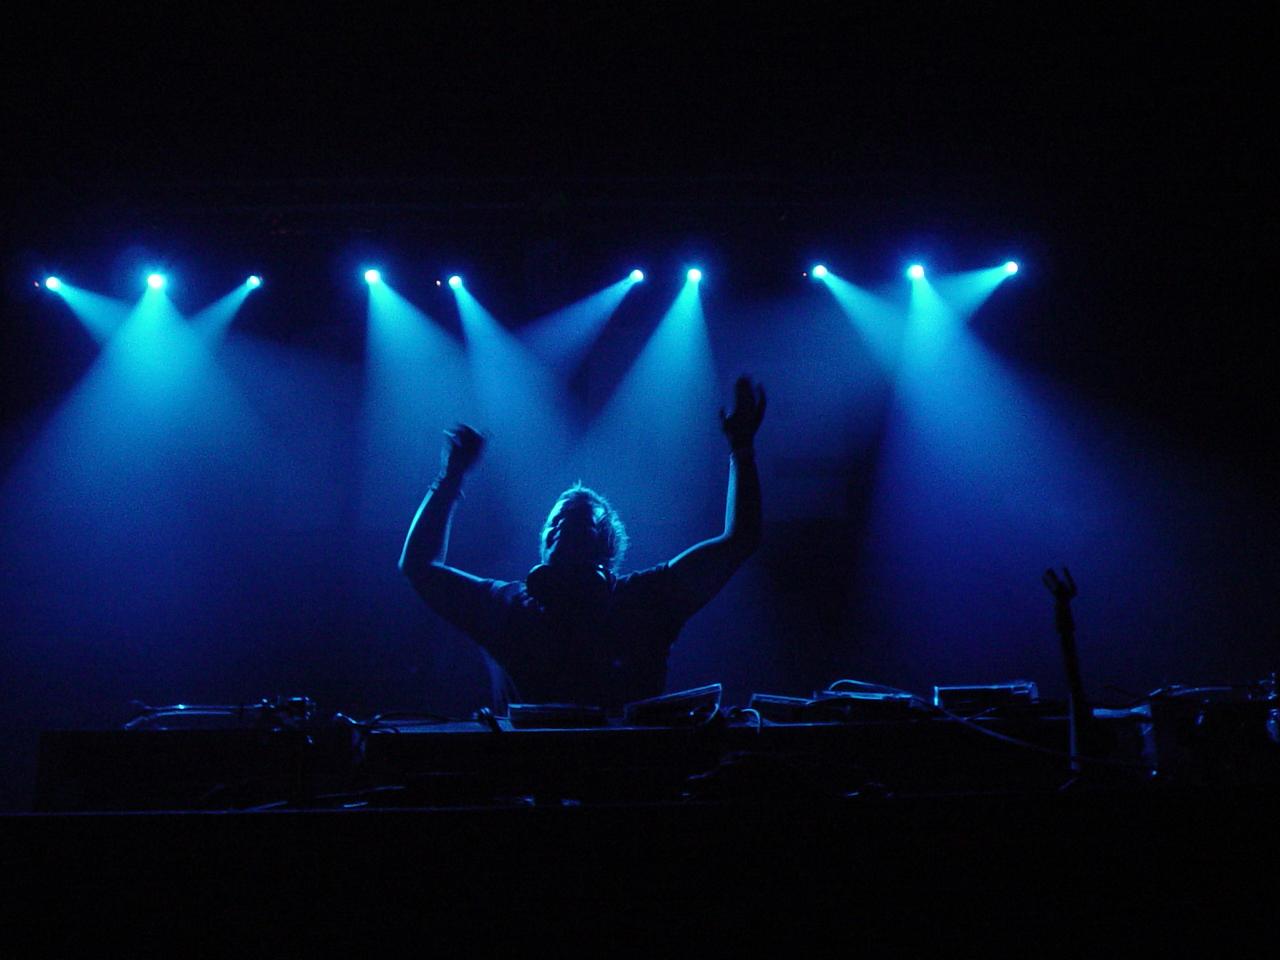 DJ Blue backlit